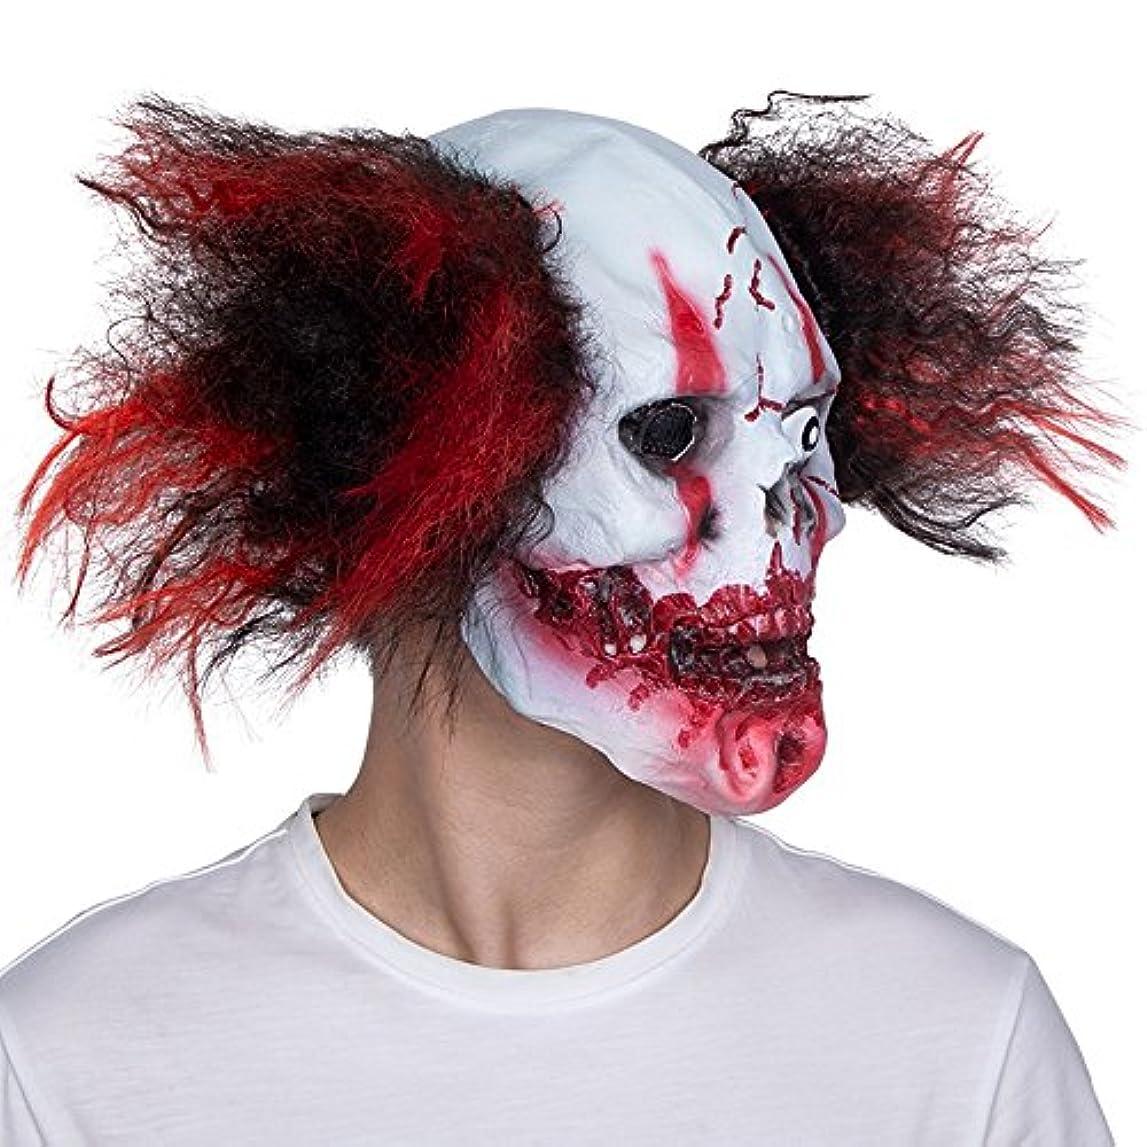 失業ハブブ描写ハロウィーンホワイトマスク大人男性フルフェイスホラー骷髅悪魔ラテックスフードなりすまし怖いマスクダンス